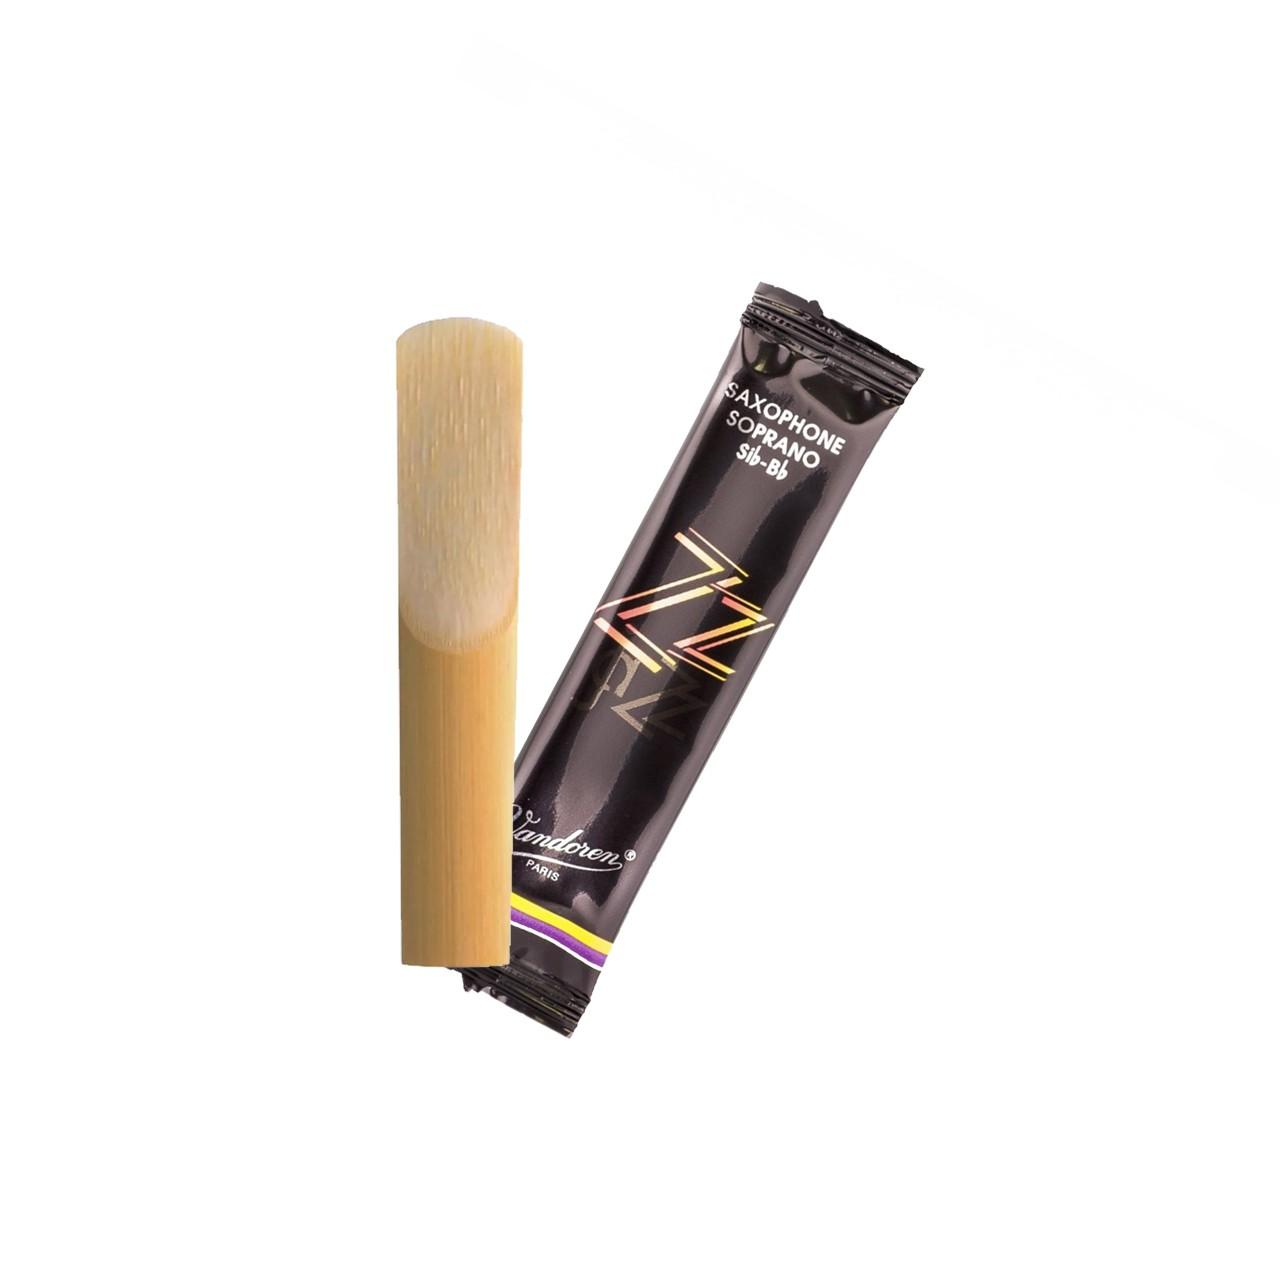 Boquilha M30 P/clarinete Mib Cm325 Vandoren  - Audio Video & cia